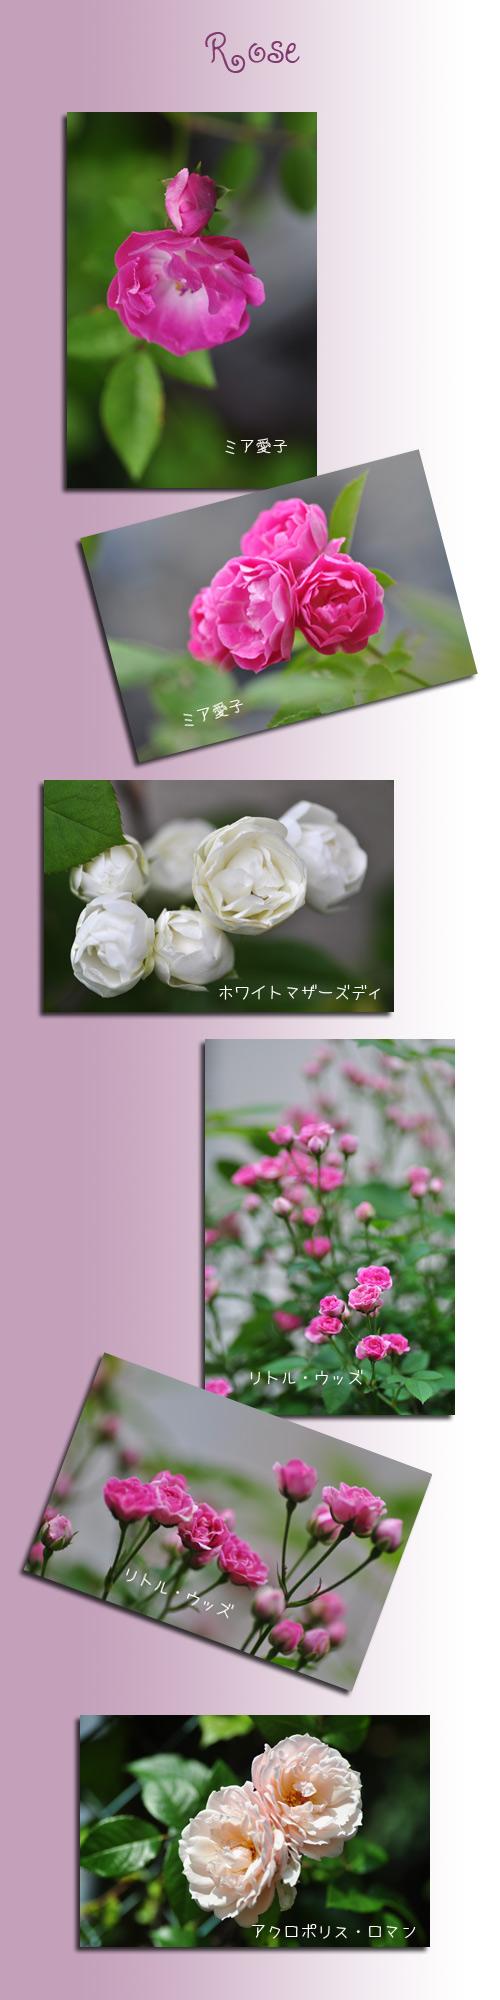 6月15日薔薇1